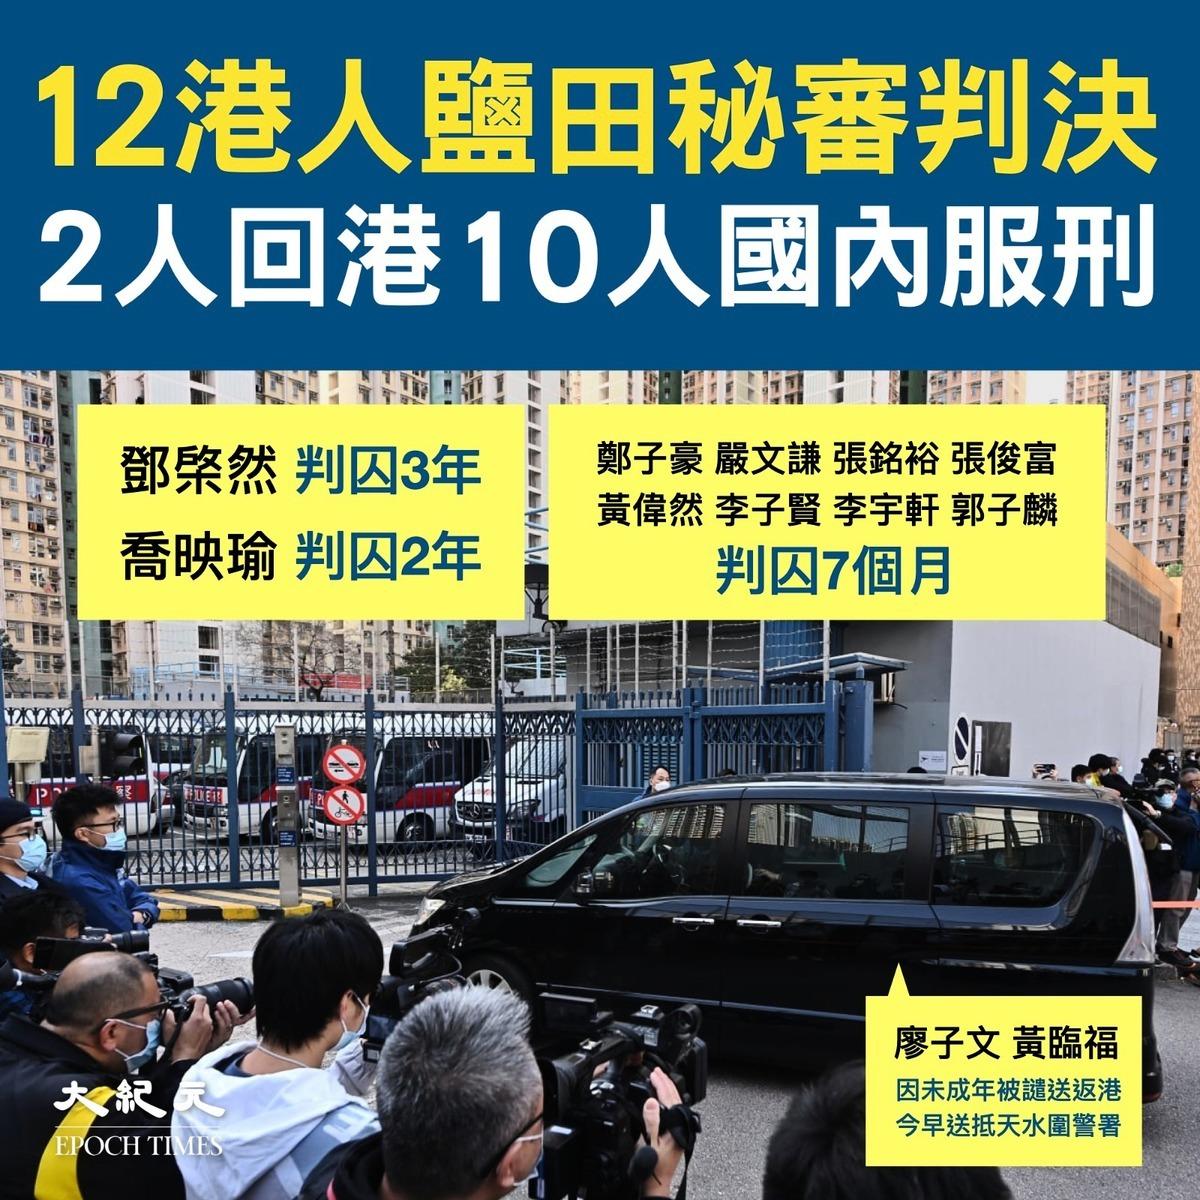 被關押在深圳鹽田看守所的12名港人,10人被判在大陸服刑,2人被遣送回港。(大紀元合成圖片)